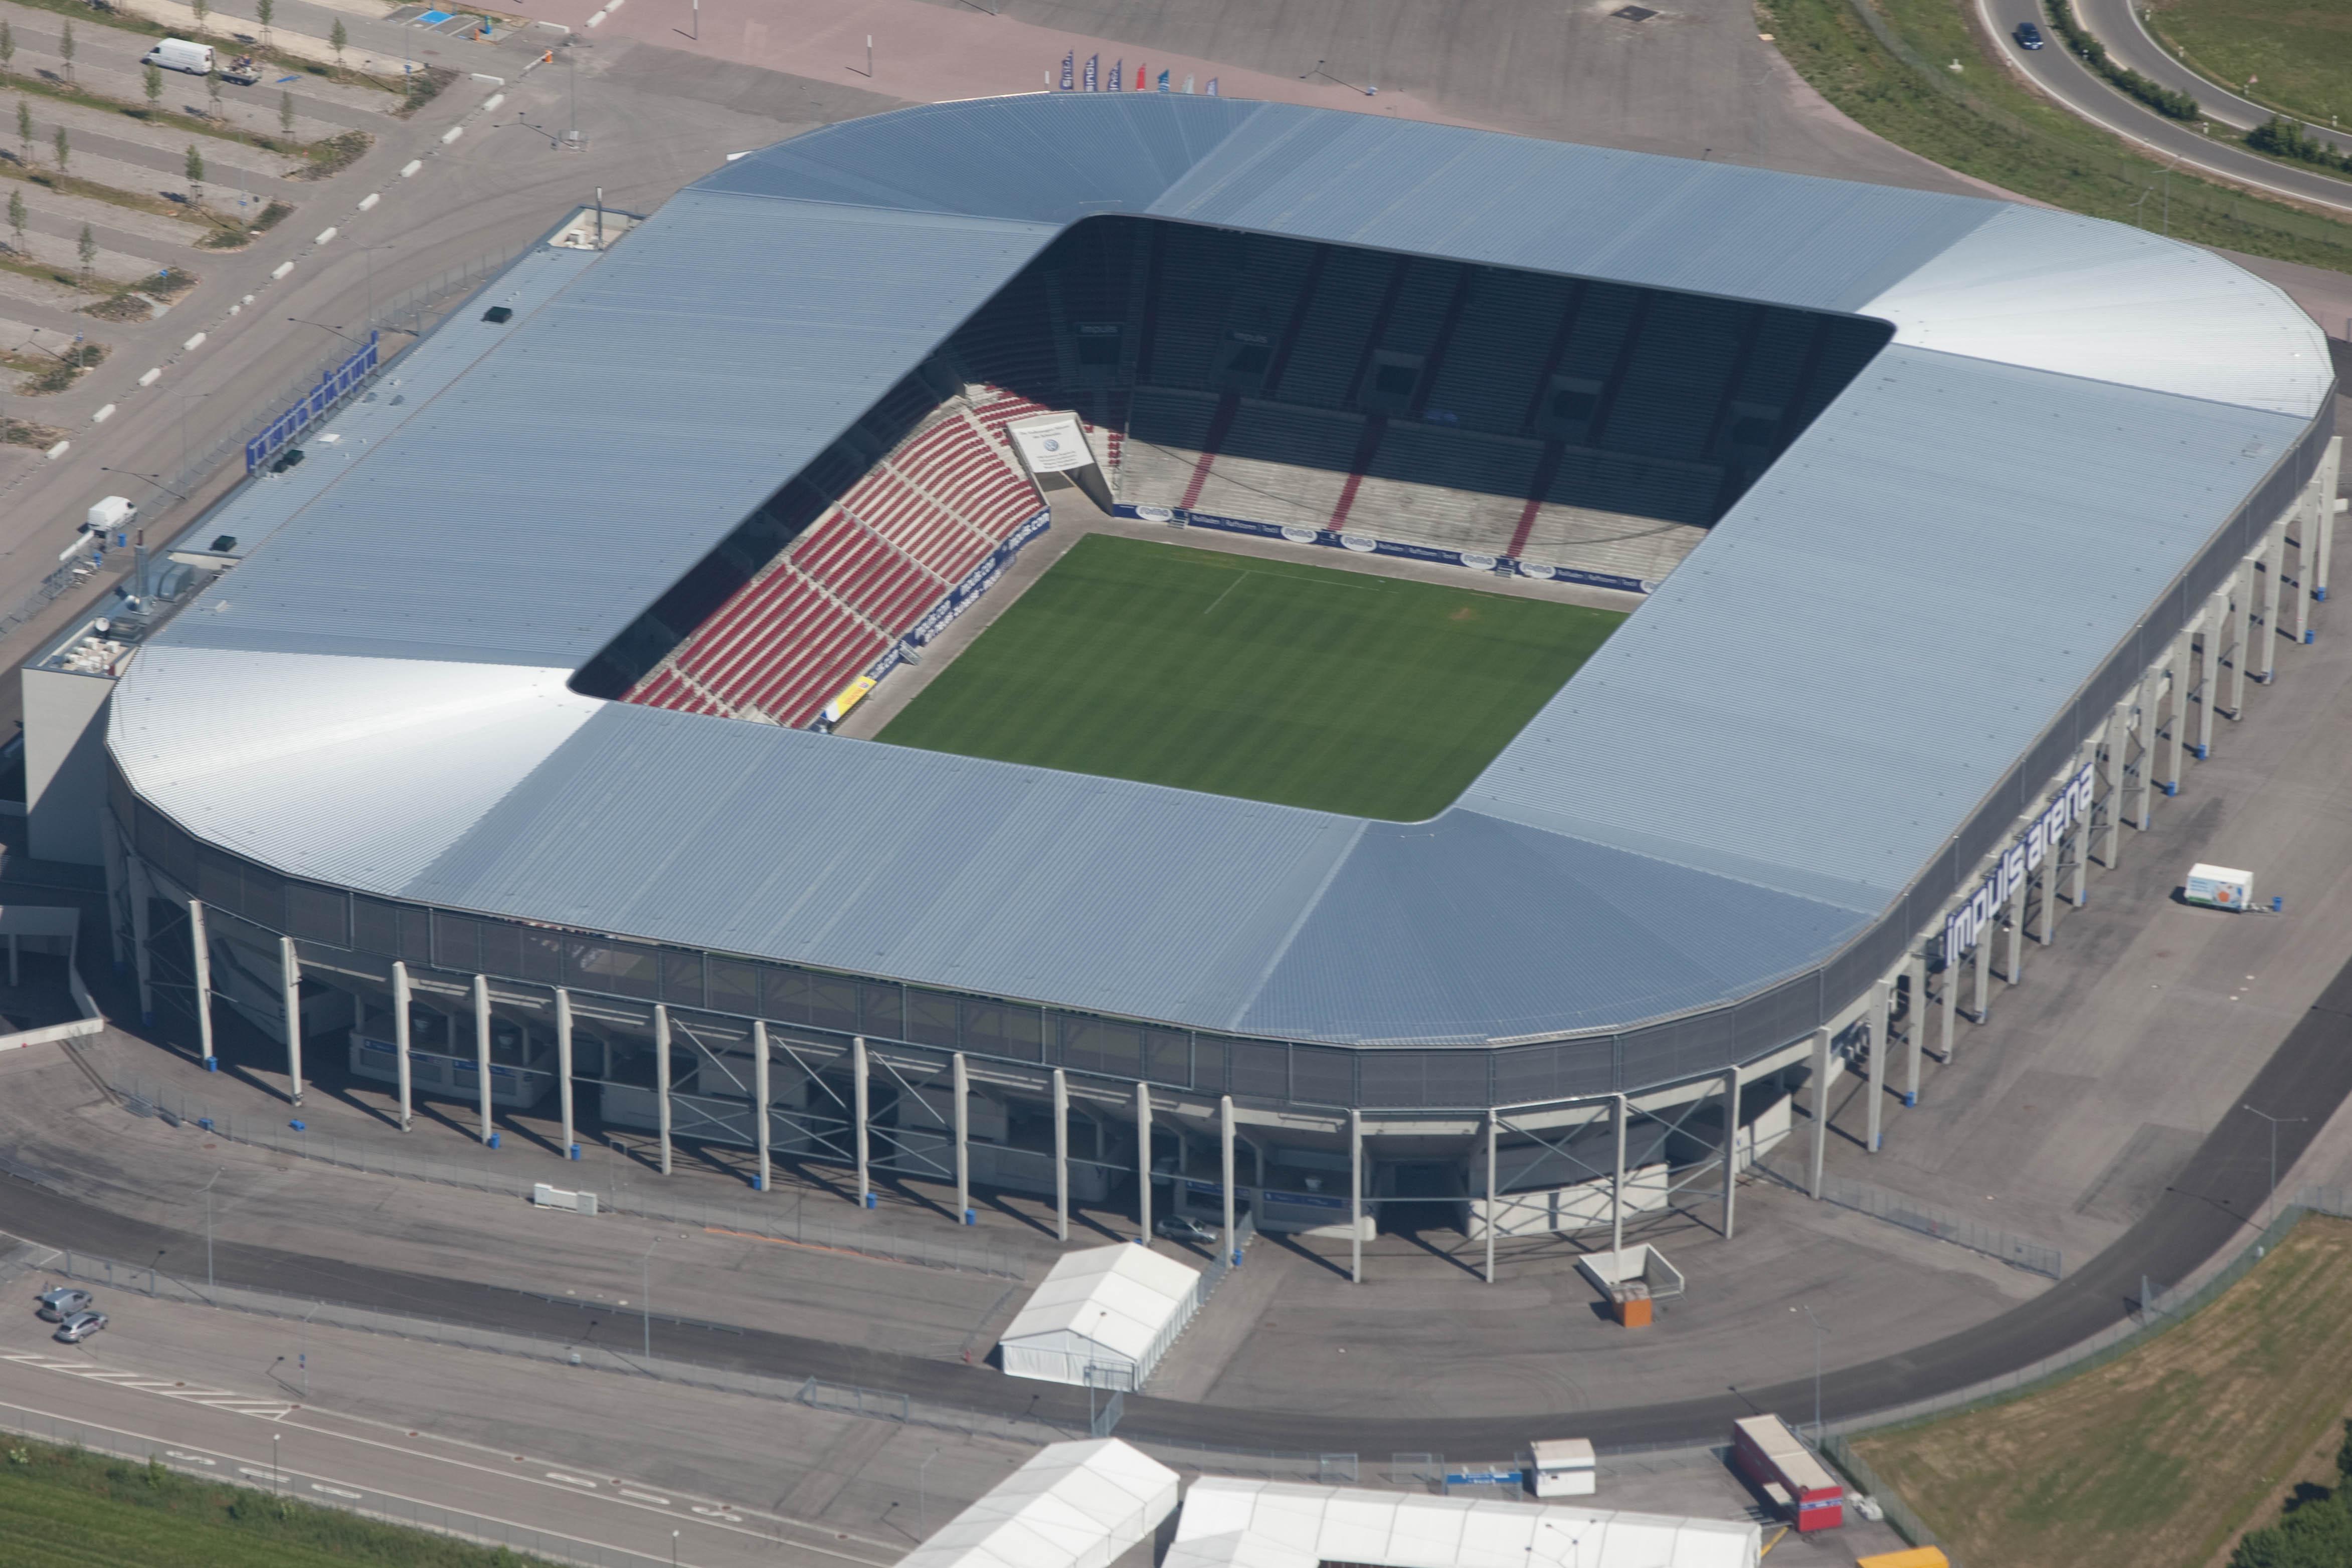 datei augsburg stadium germany 9655832783 jpg wikipedia. Black Bedroom Furniture Sets. Home Design Ideas